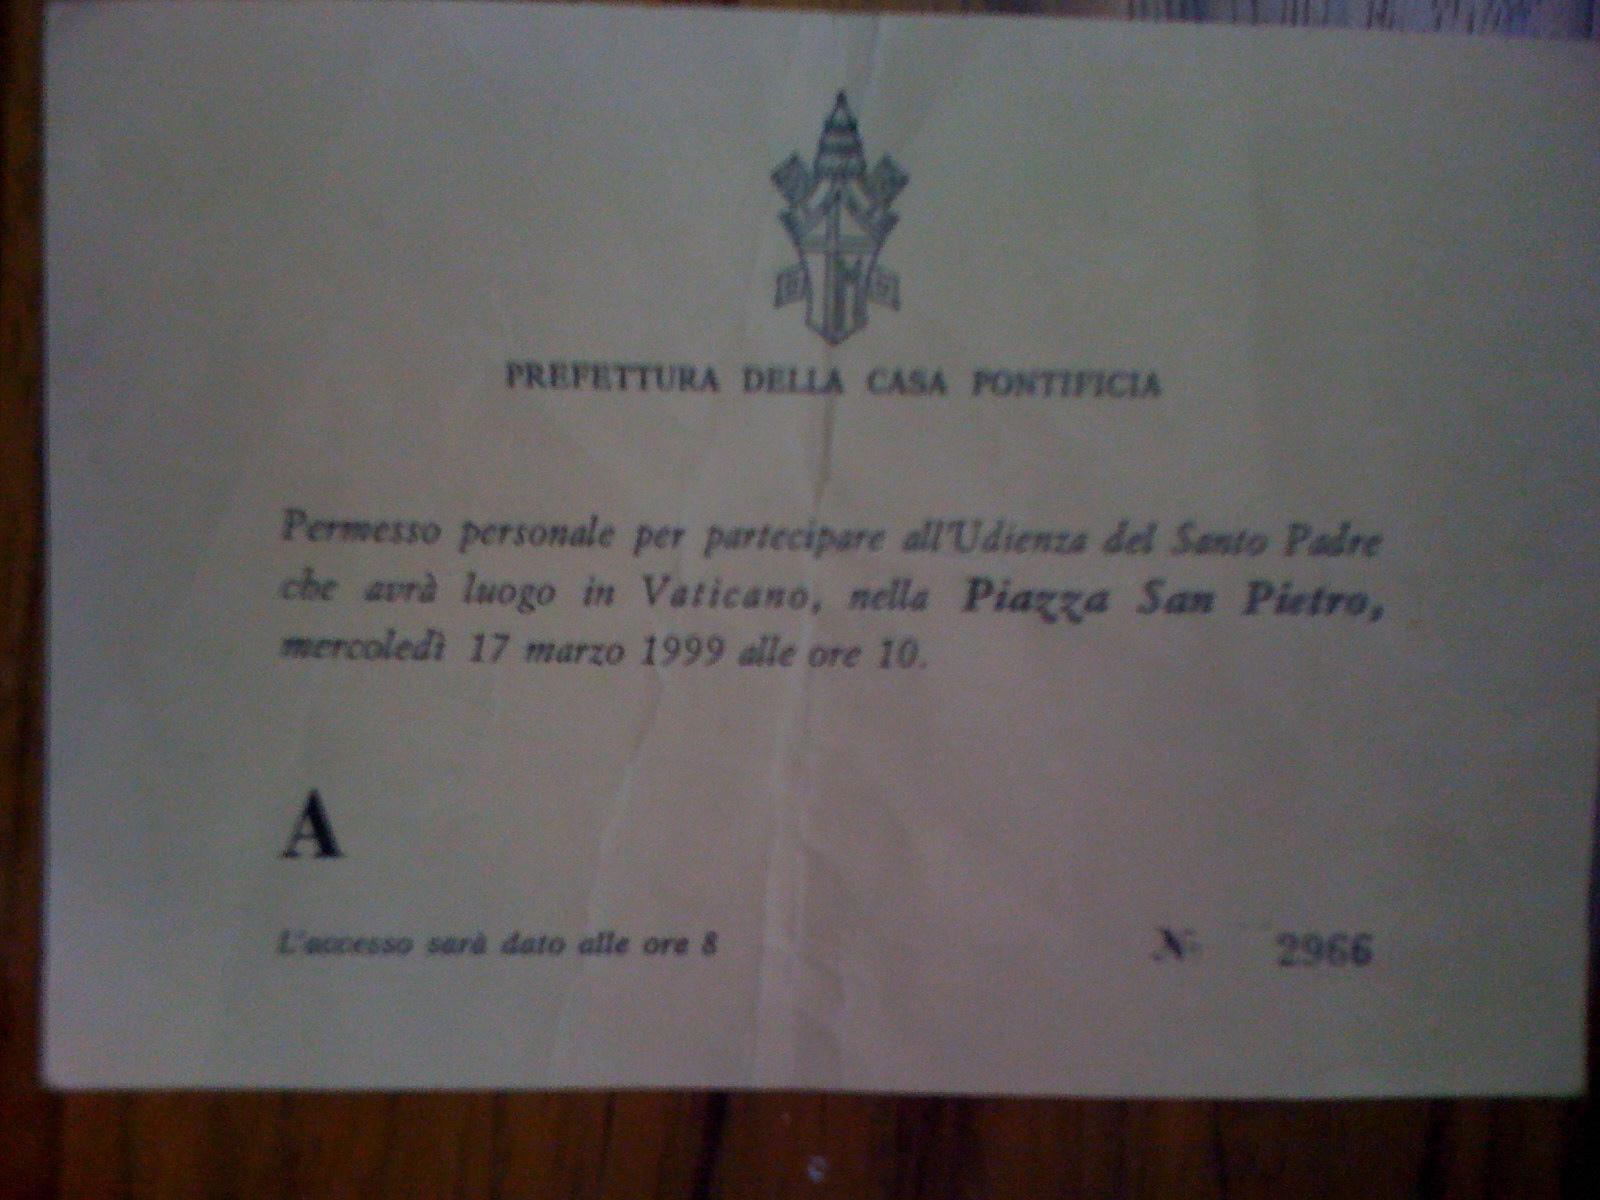 refettura Della Casa Pontificia (pass to see the pope on St. Patrick's Day